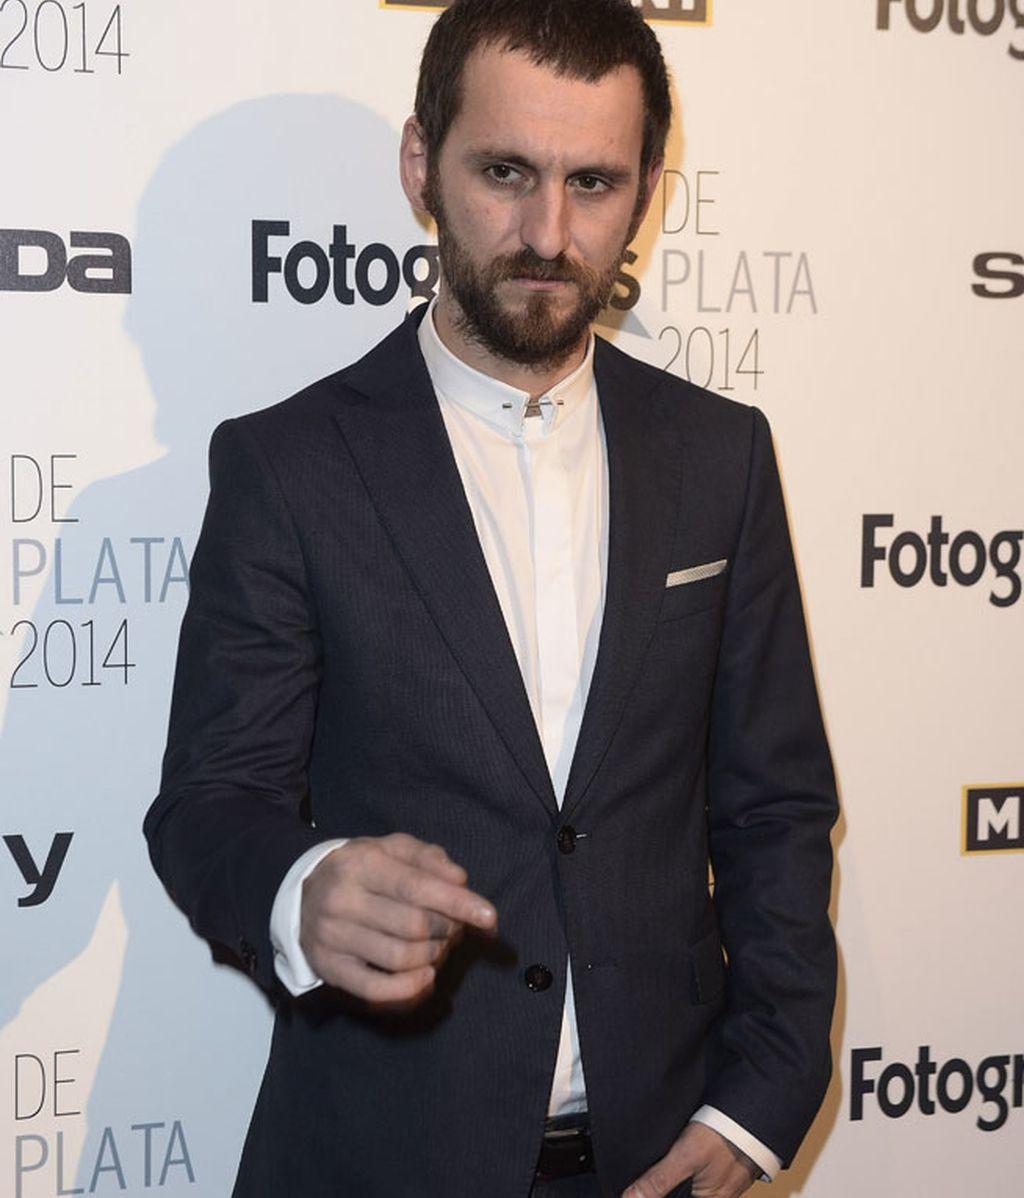 Raúl Arévalo, con traje de chaqueta y semblante serio